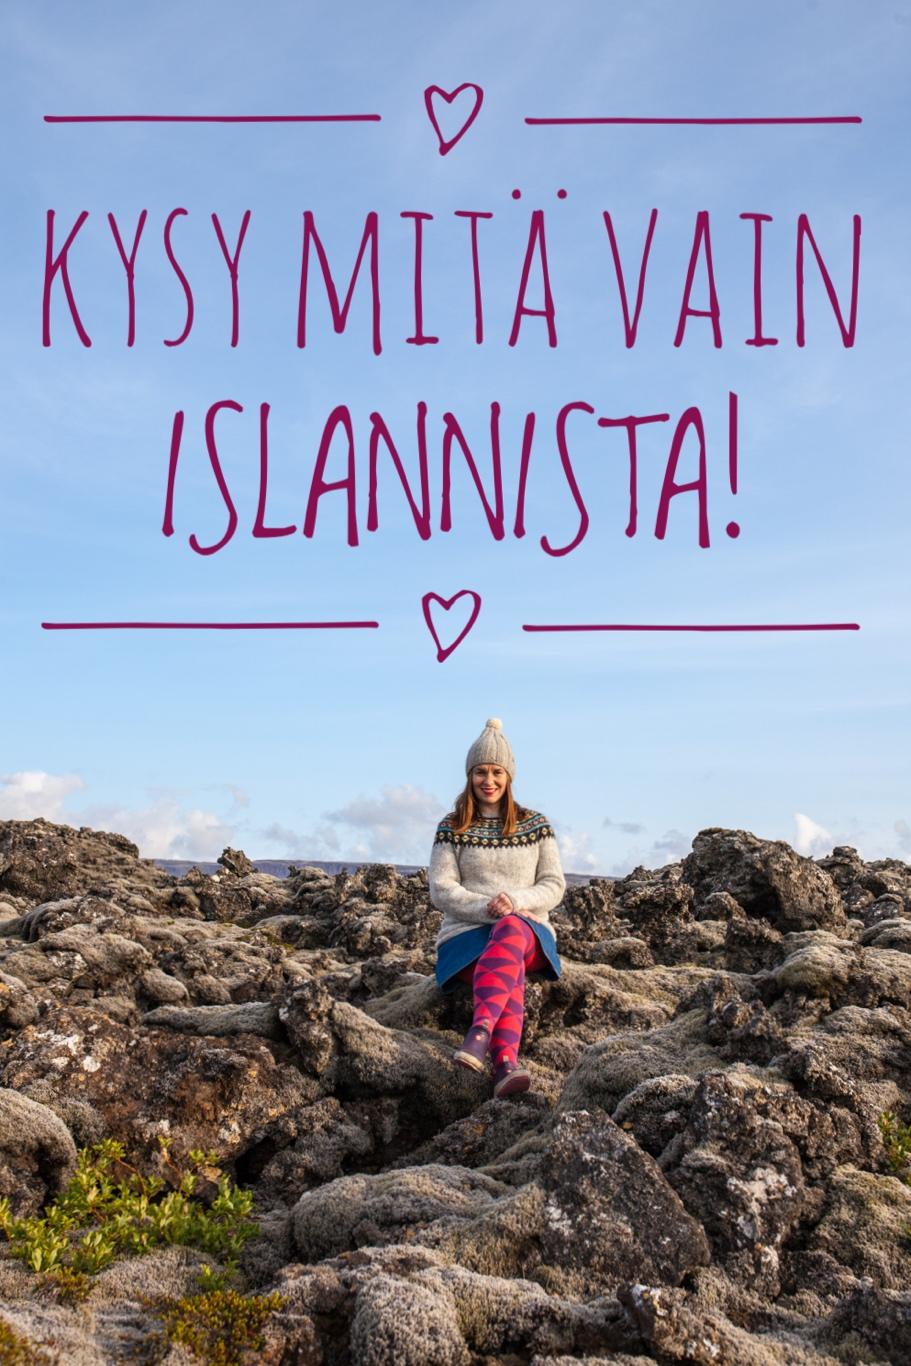 KYSY ISLANNISTA TÄÄLLÄ